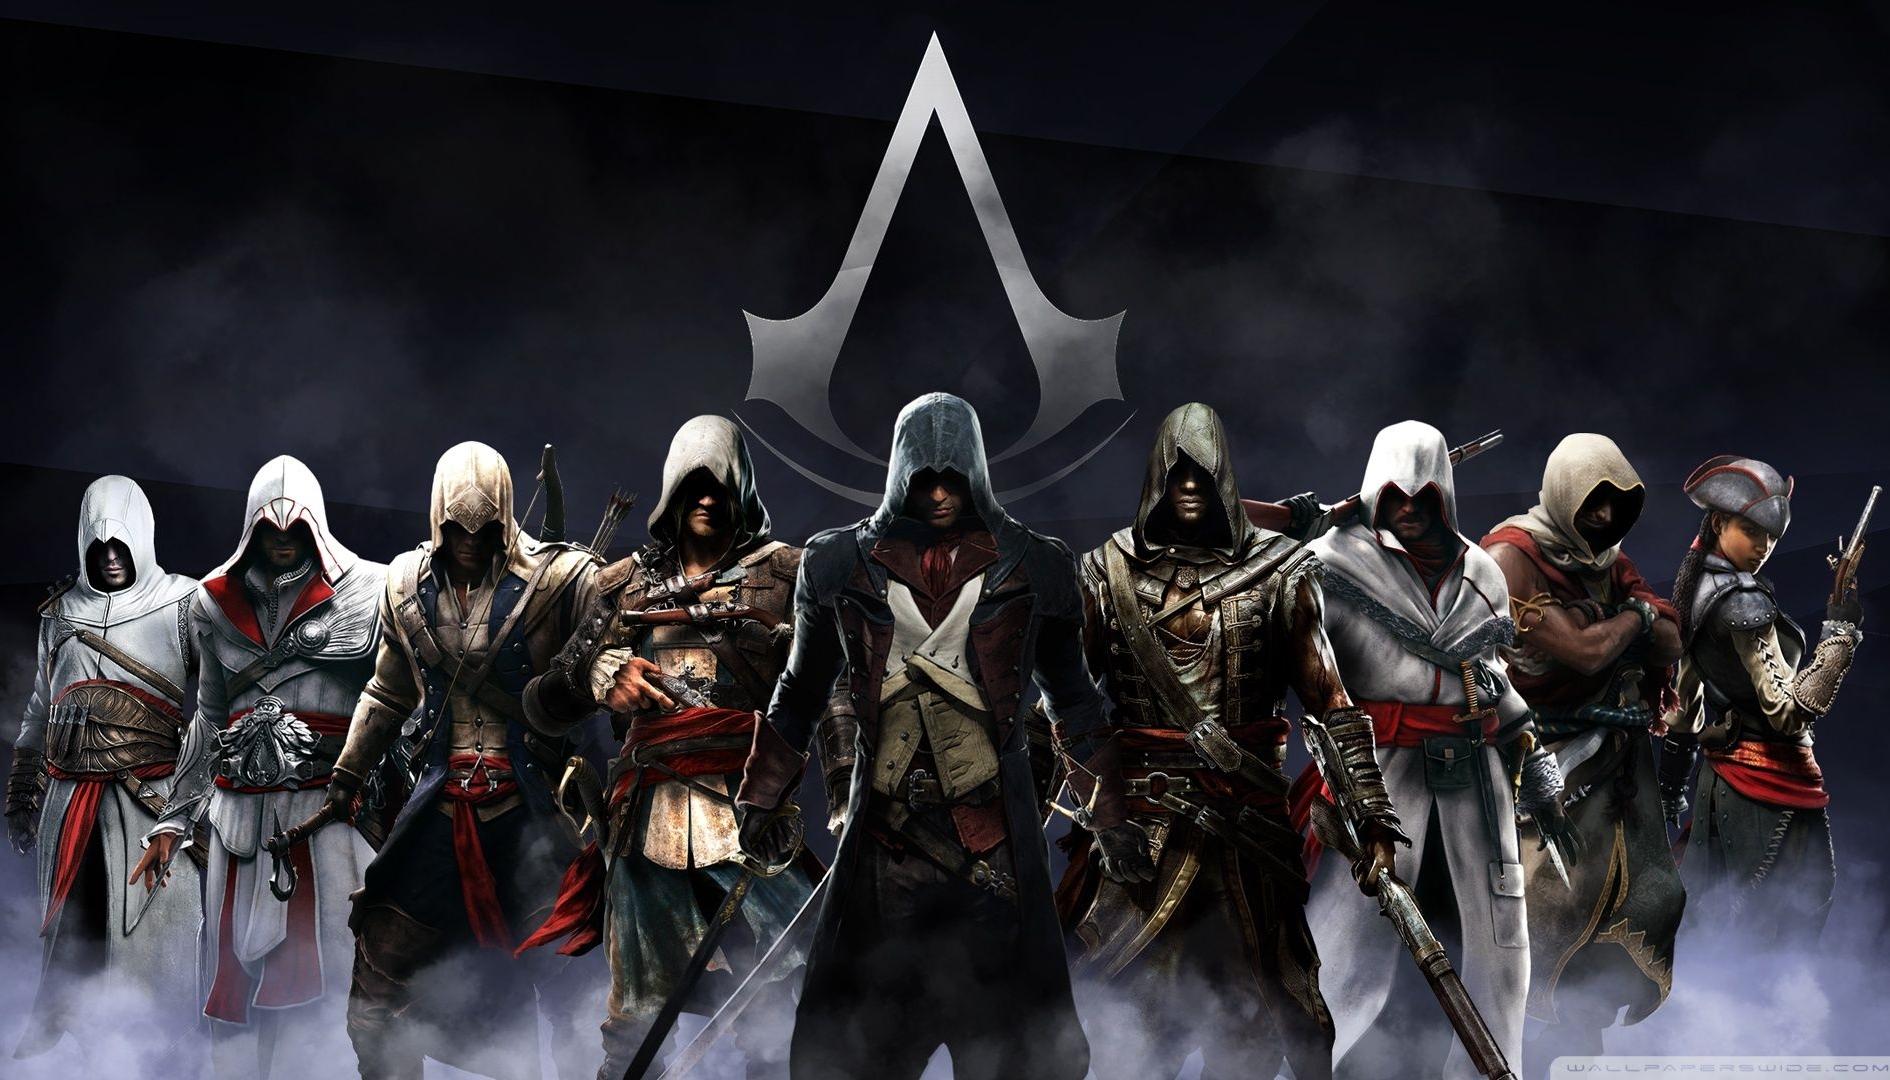 Assassin's Creed Meteor sarà il prossimo gioco? Indizi su ambientazione